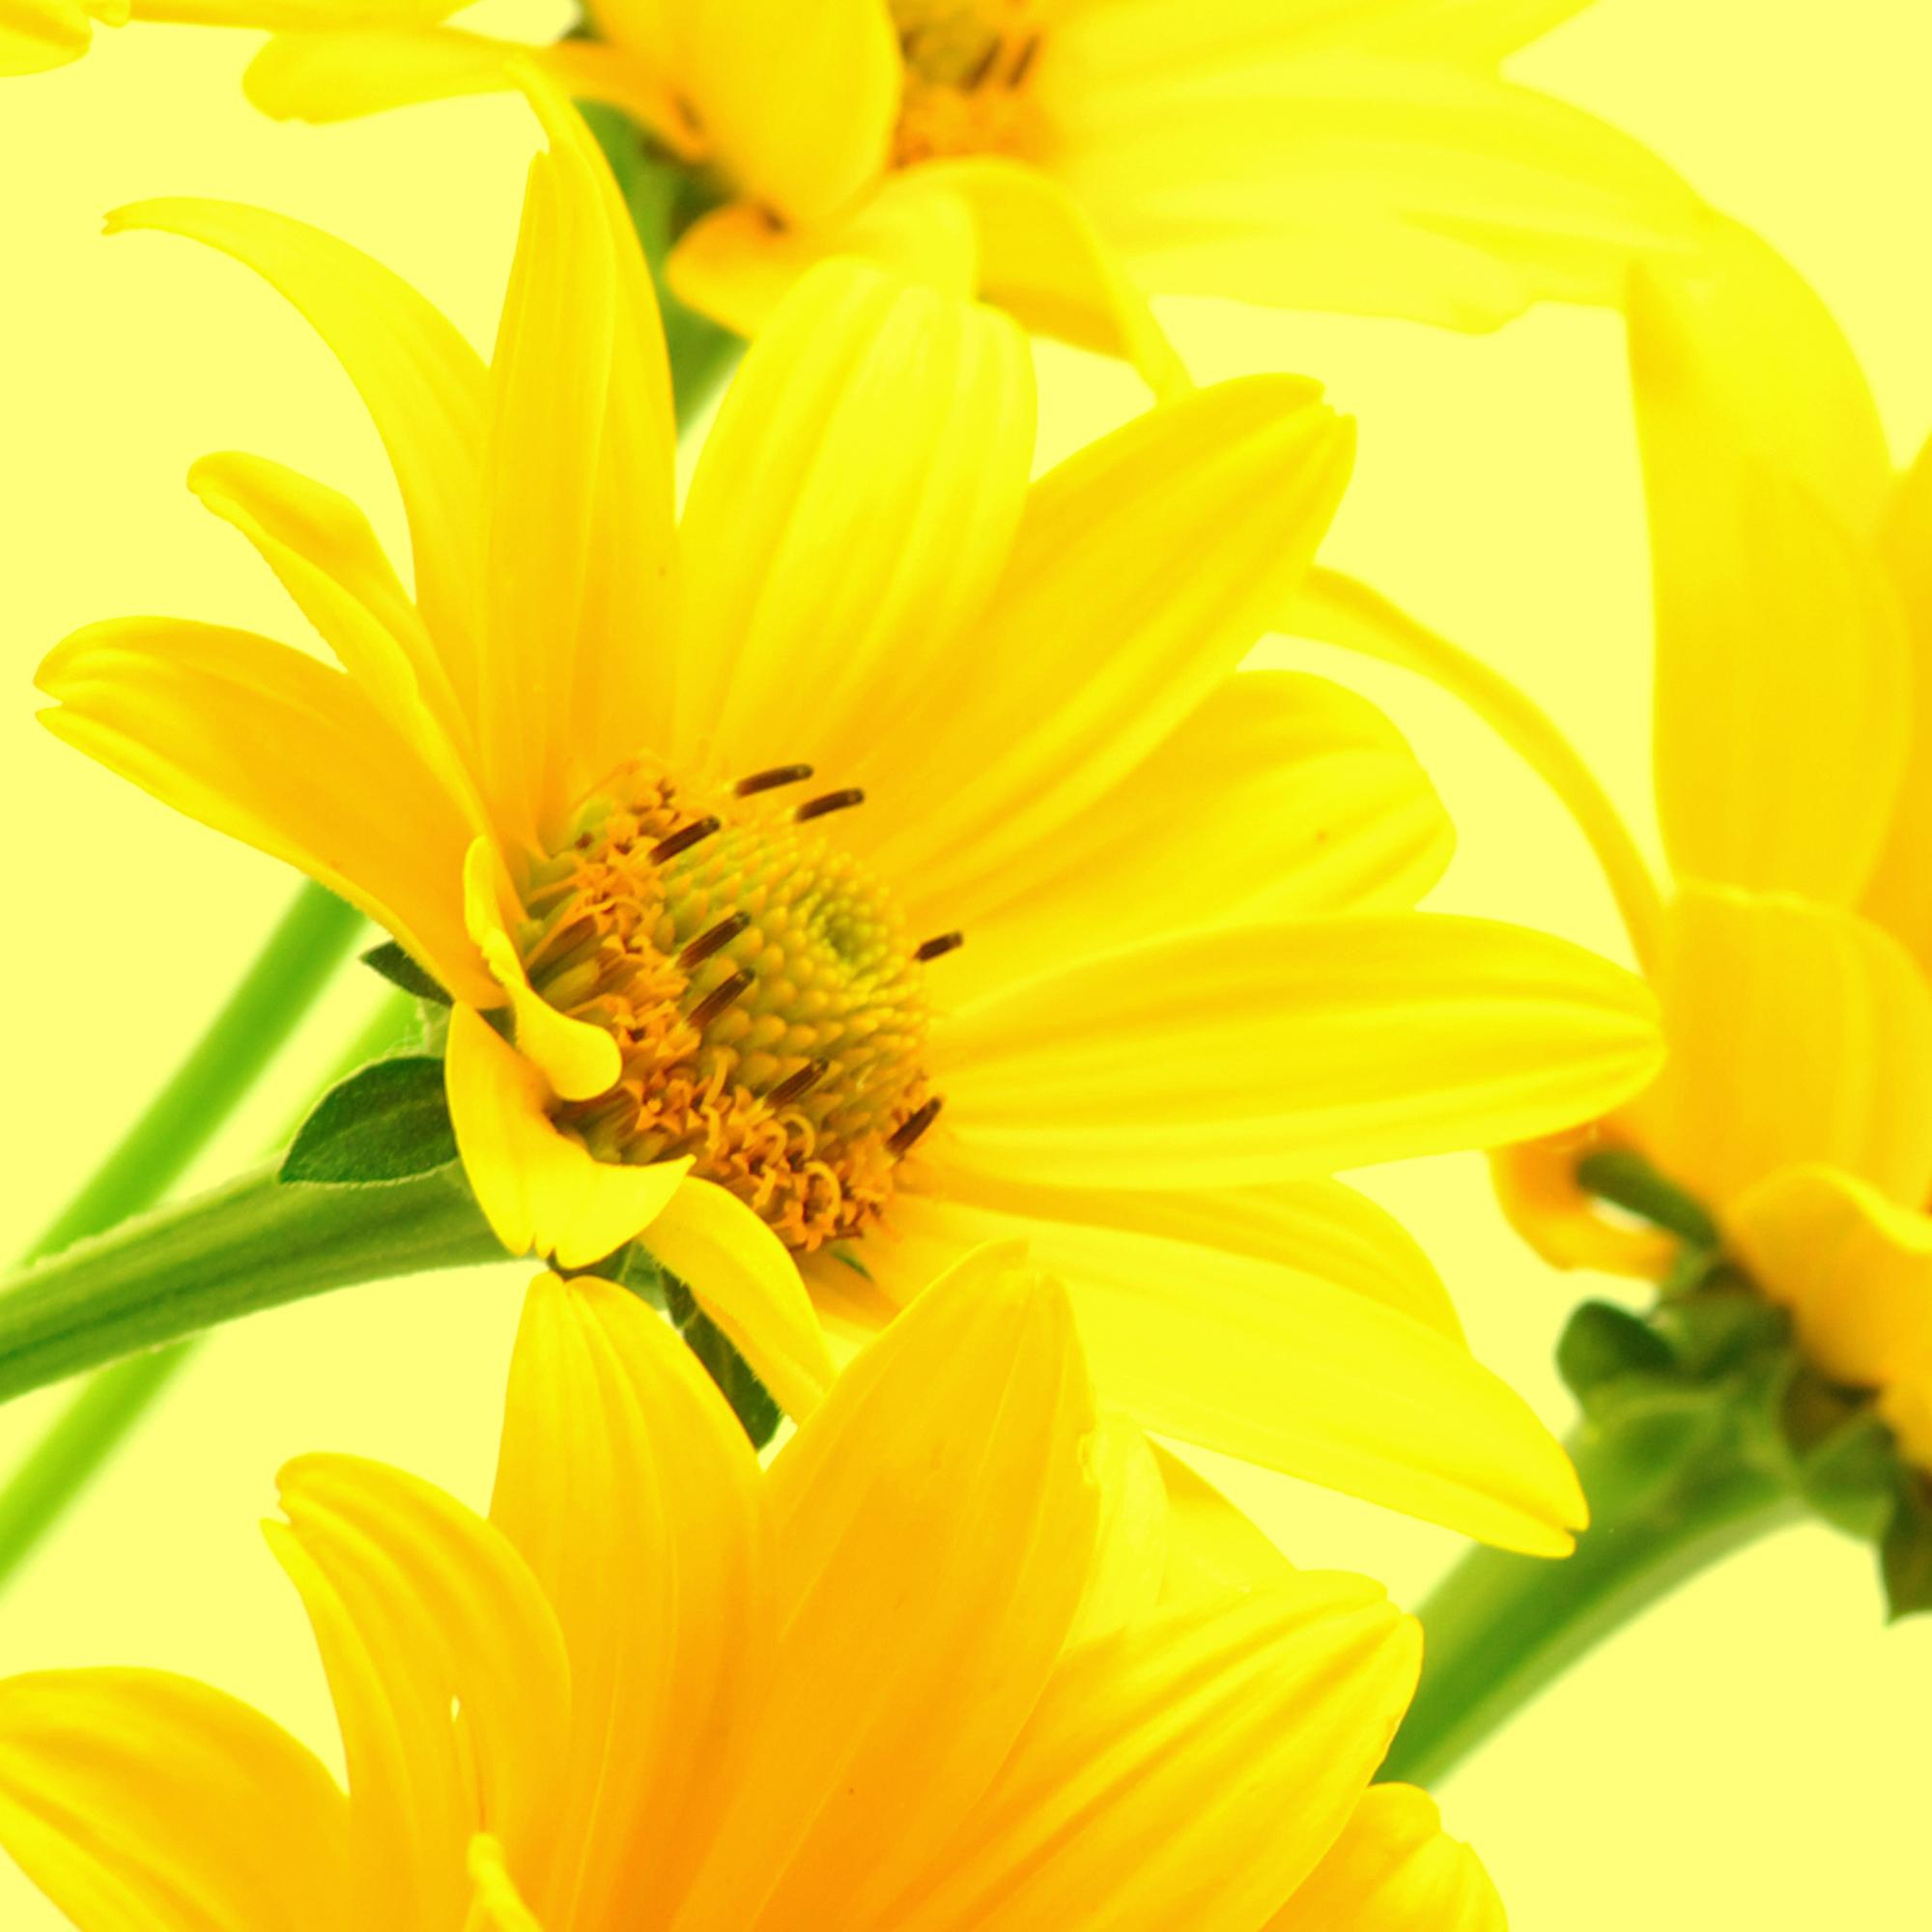 Салфетки бумажные Gratias Желтые герберы, трехслойные, 20 шт4Трехслойные бумажные салфетки Gratias Желтые герберы, выполненные из натуральной целлюлозы с изображением желтых гербер, станут отличным дополнением любого праздничного стола. Они отличаются необычной мягкостью, прочностью и оригинальностью. Состав: 100% целлюлоза. Размер салфетки: 33 см х 33 см. Количество слоев: 3. Количество салфеток: 20 шт.